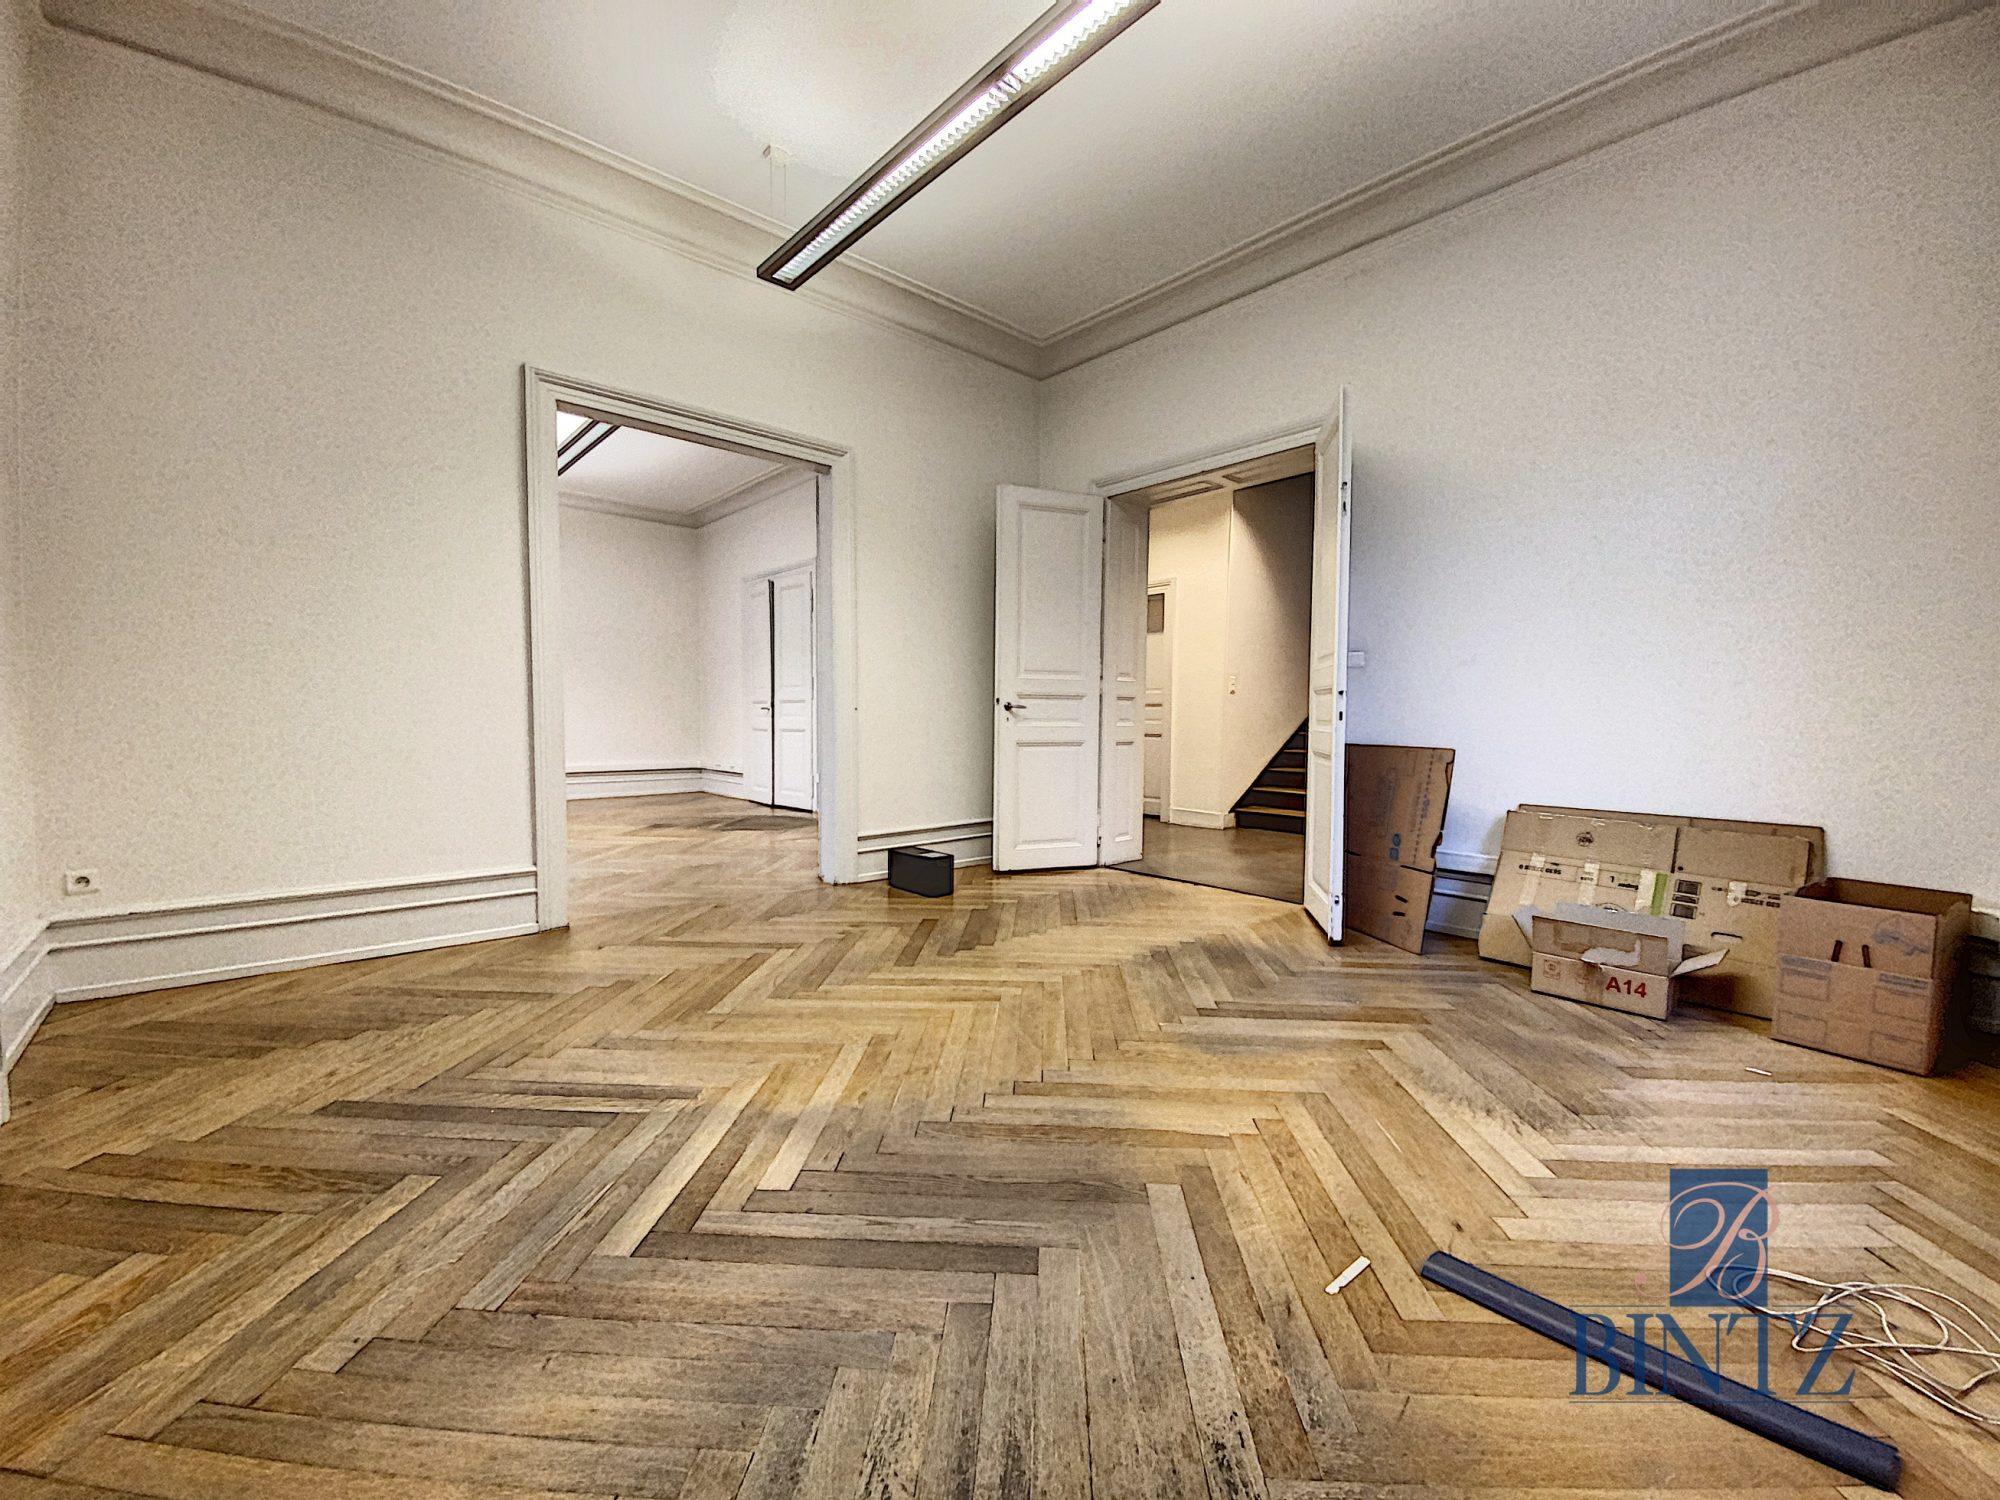 Immeuble de bureaux à louer - Devenez locataire en toute sérénité - Bintz Immobilier - 3